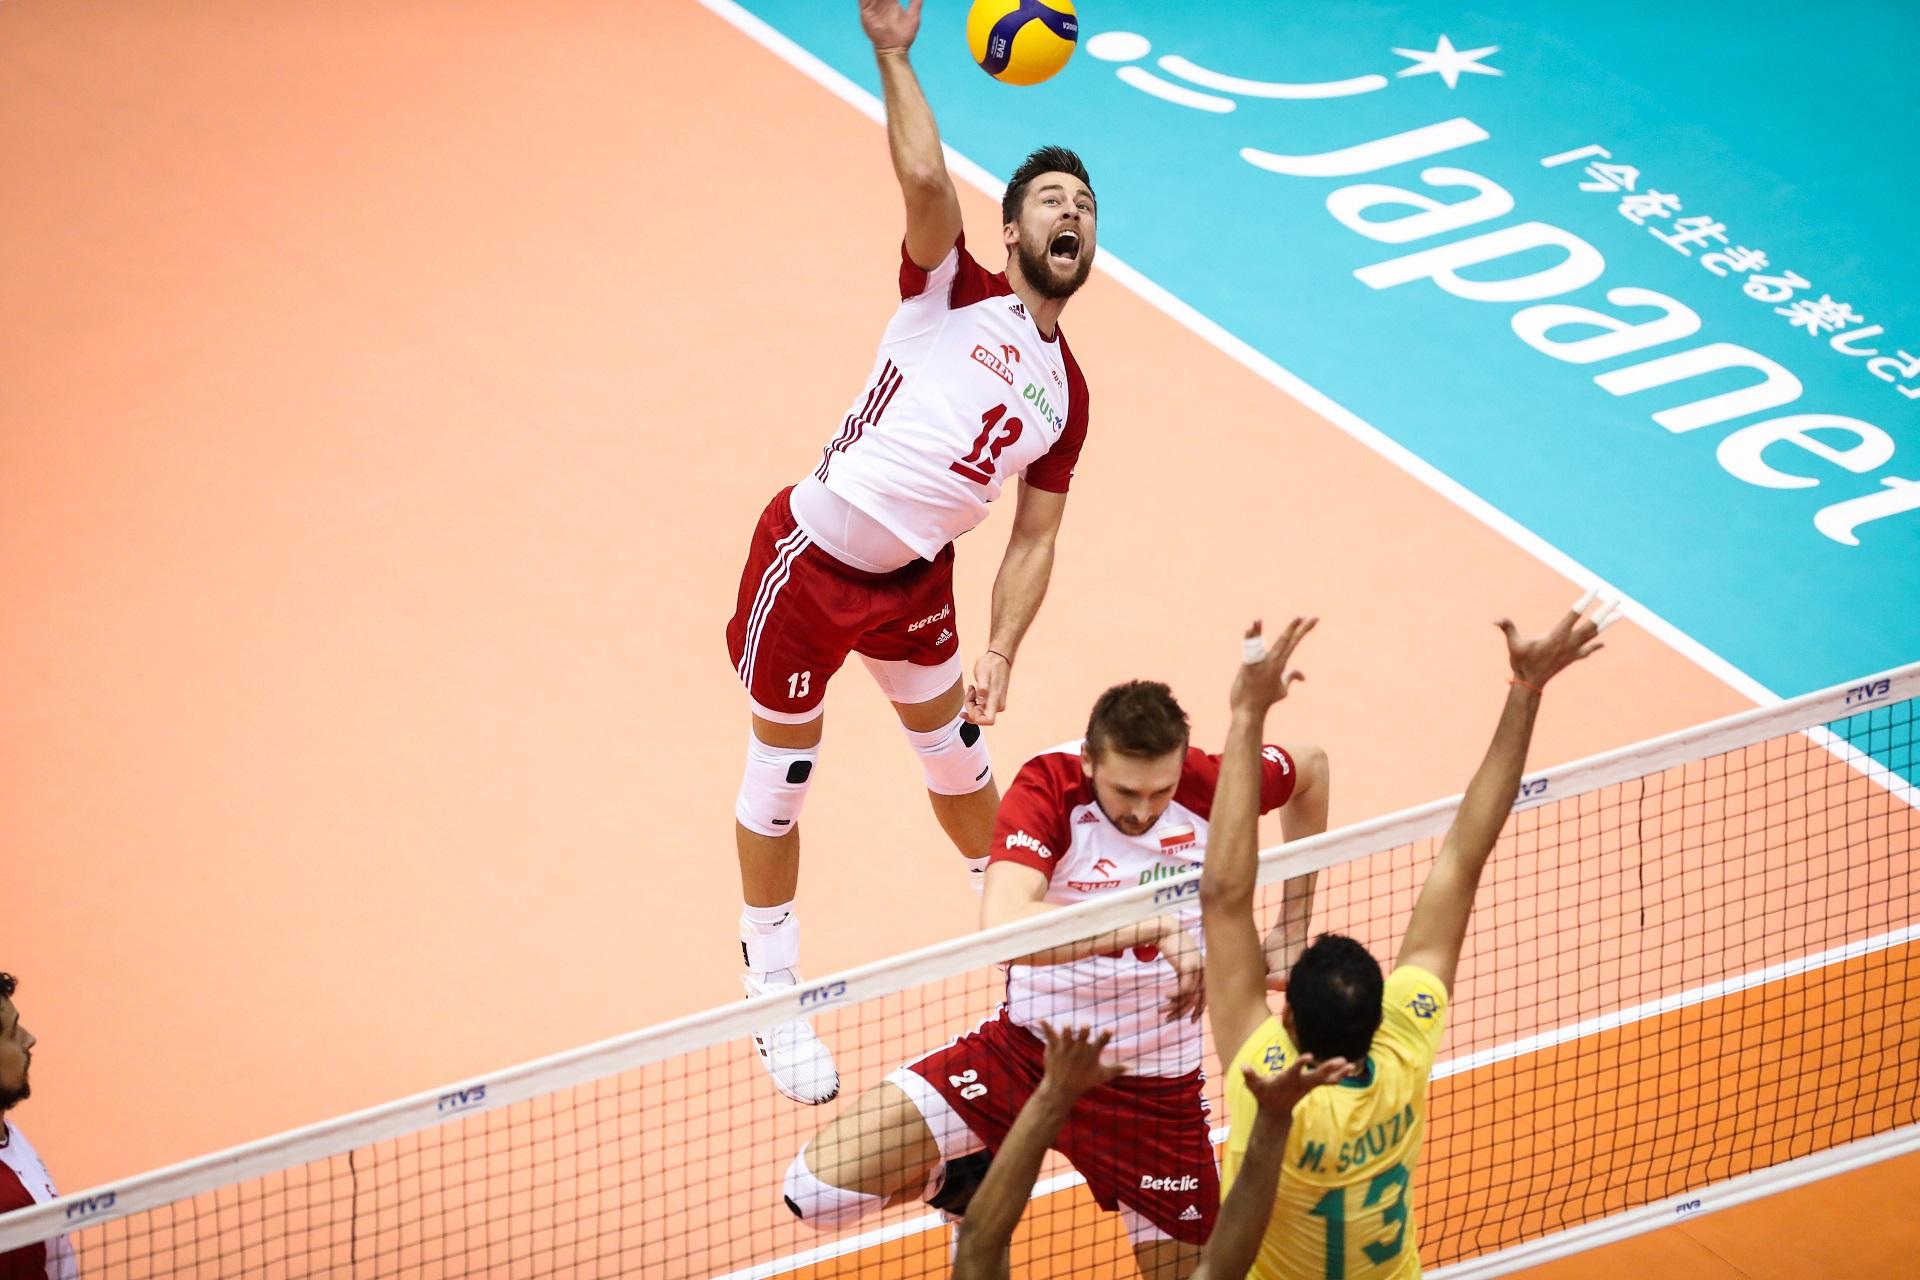 Polska przegrała z Brazylią 2:3 w meczu 9. kolejki Pucharu Świata w siatkówce